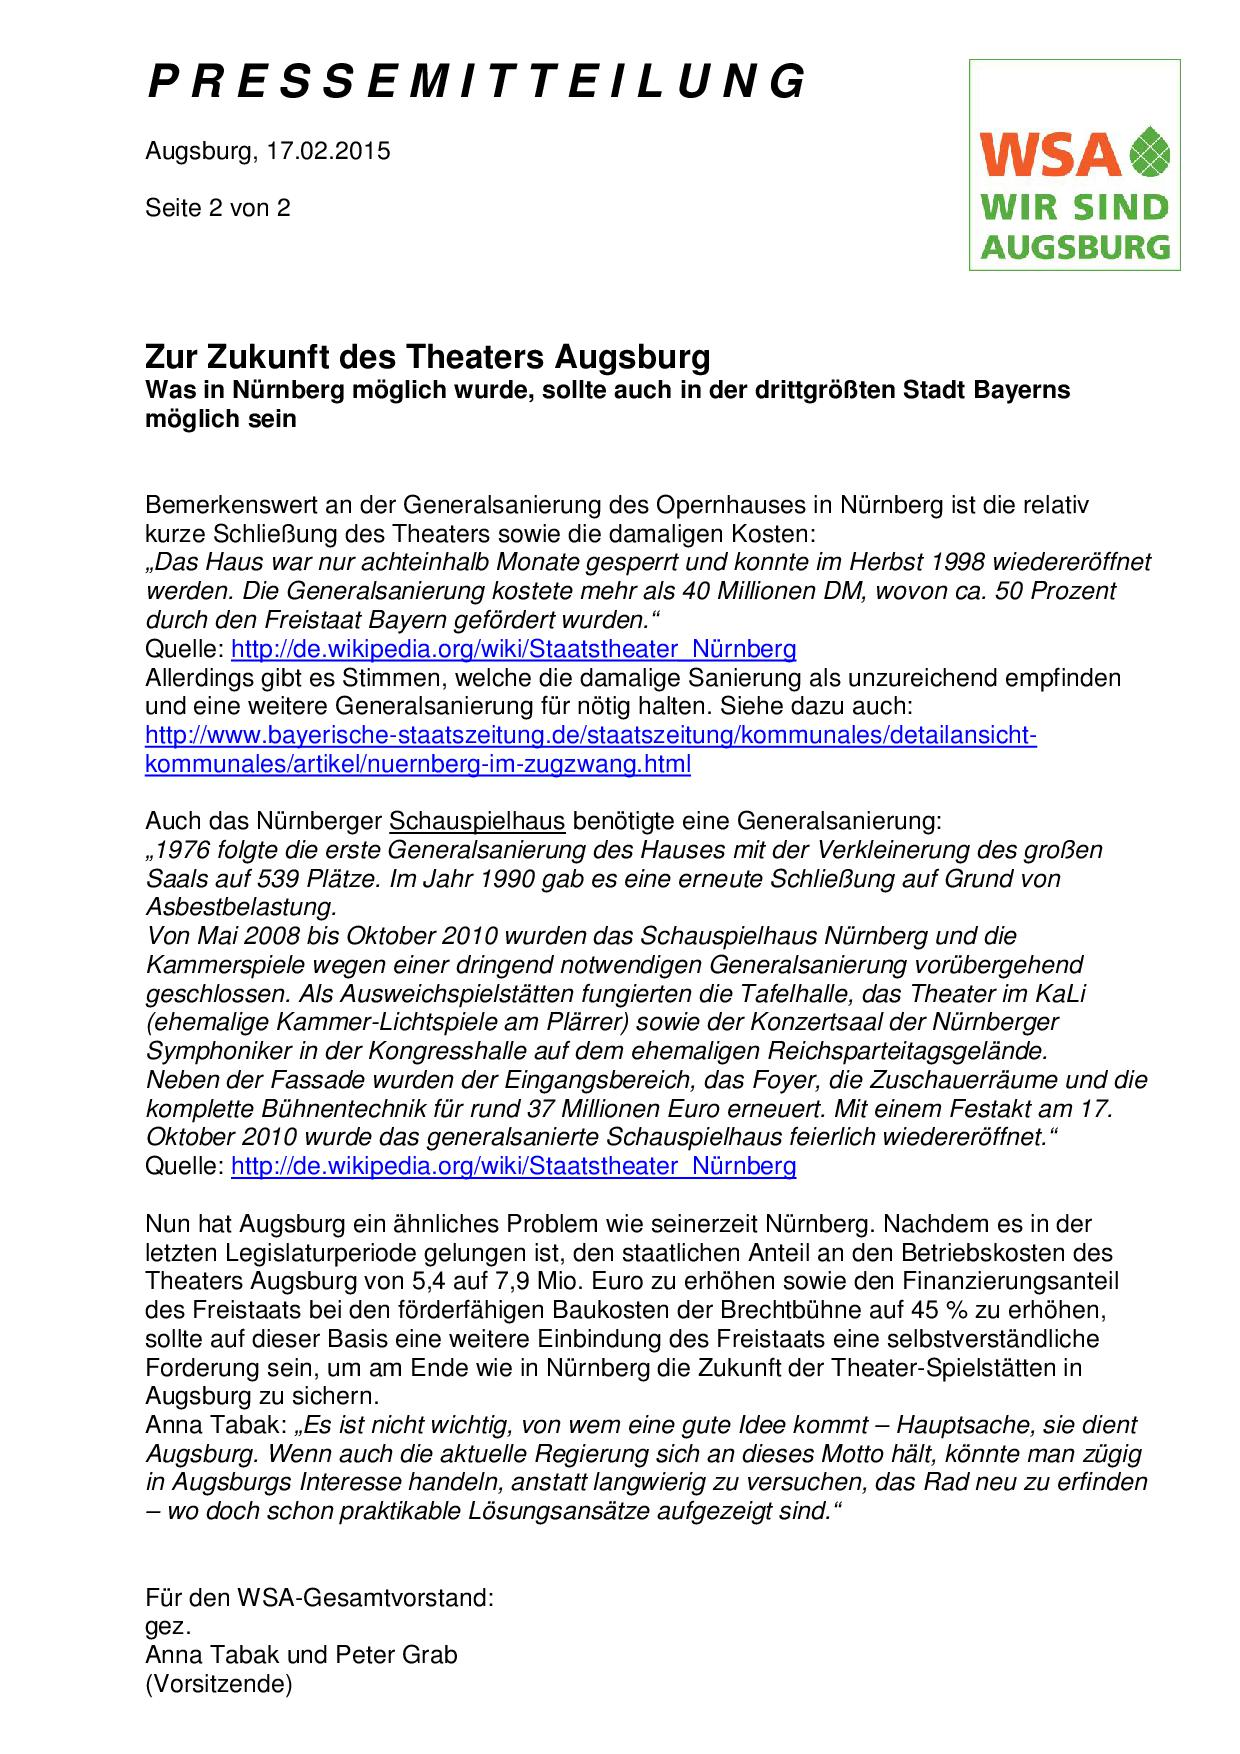 Pressemitteilung 17.2.2015 zur Generalsanierung Theater Augsburg - Seite 2